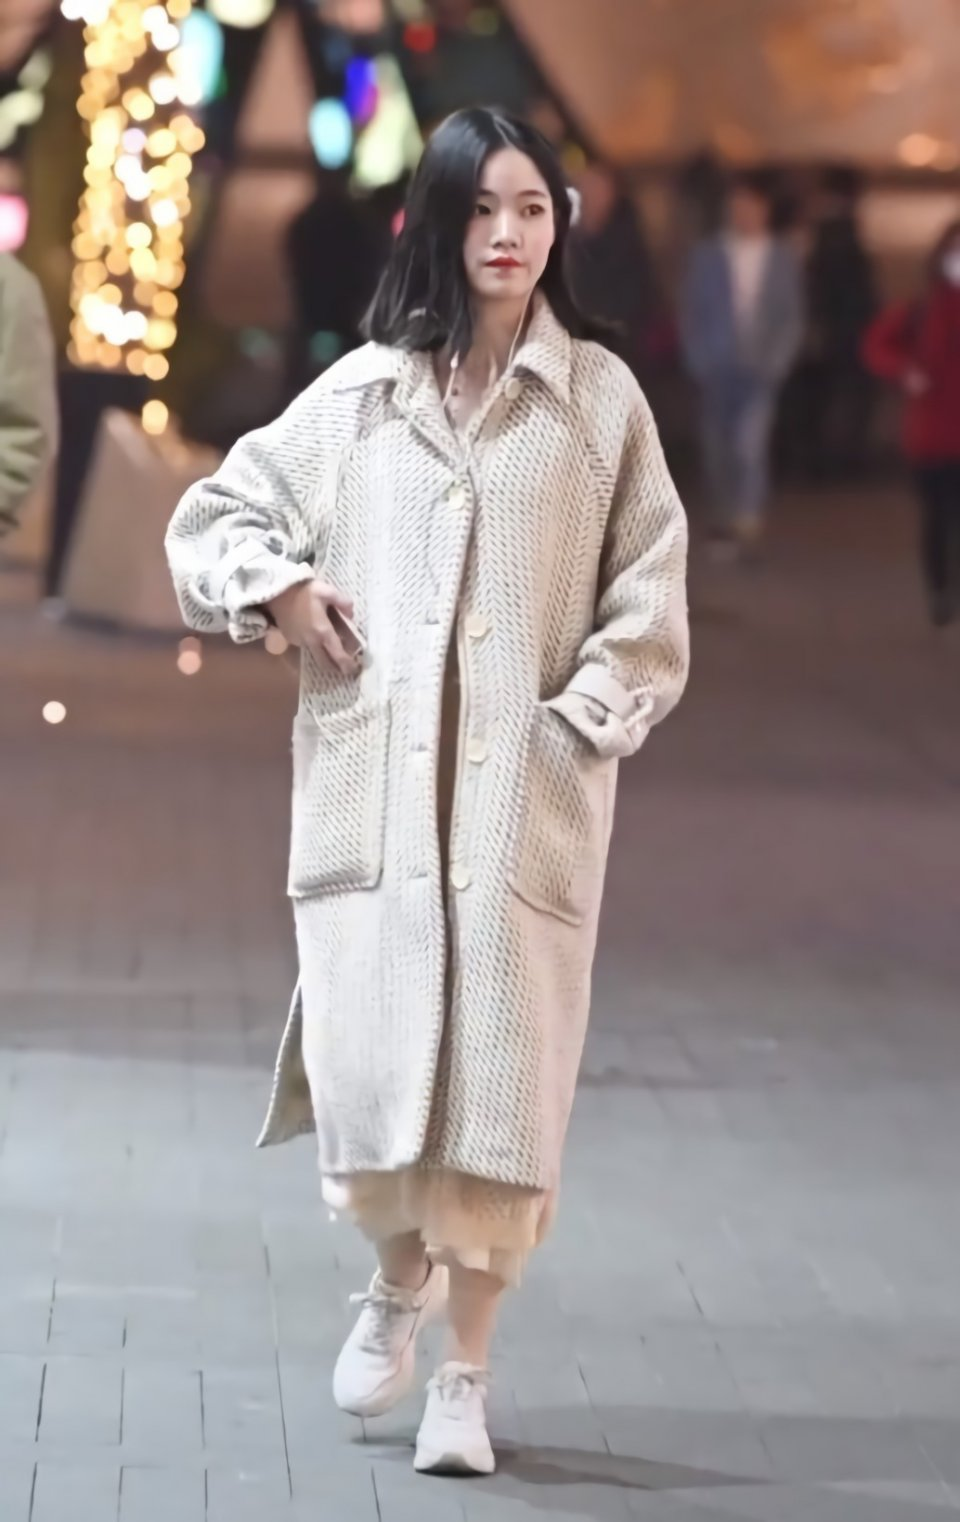 情趣的大衣粉底真金贵,要用两件美女遮起来,紧身衣丝袜美女图片